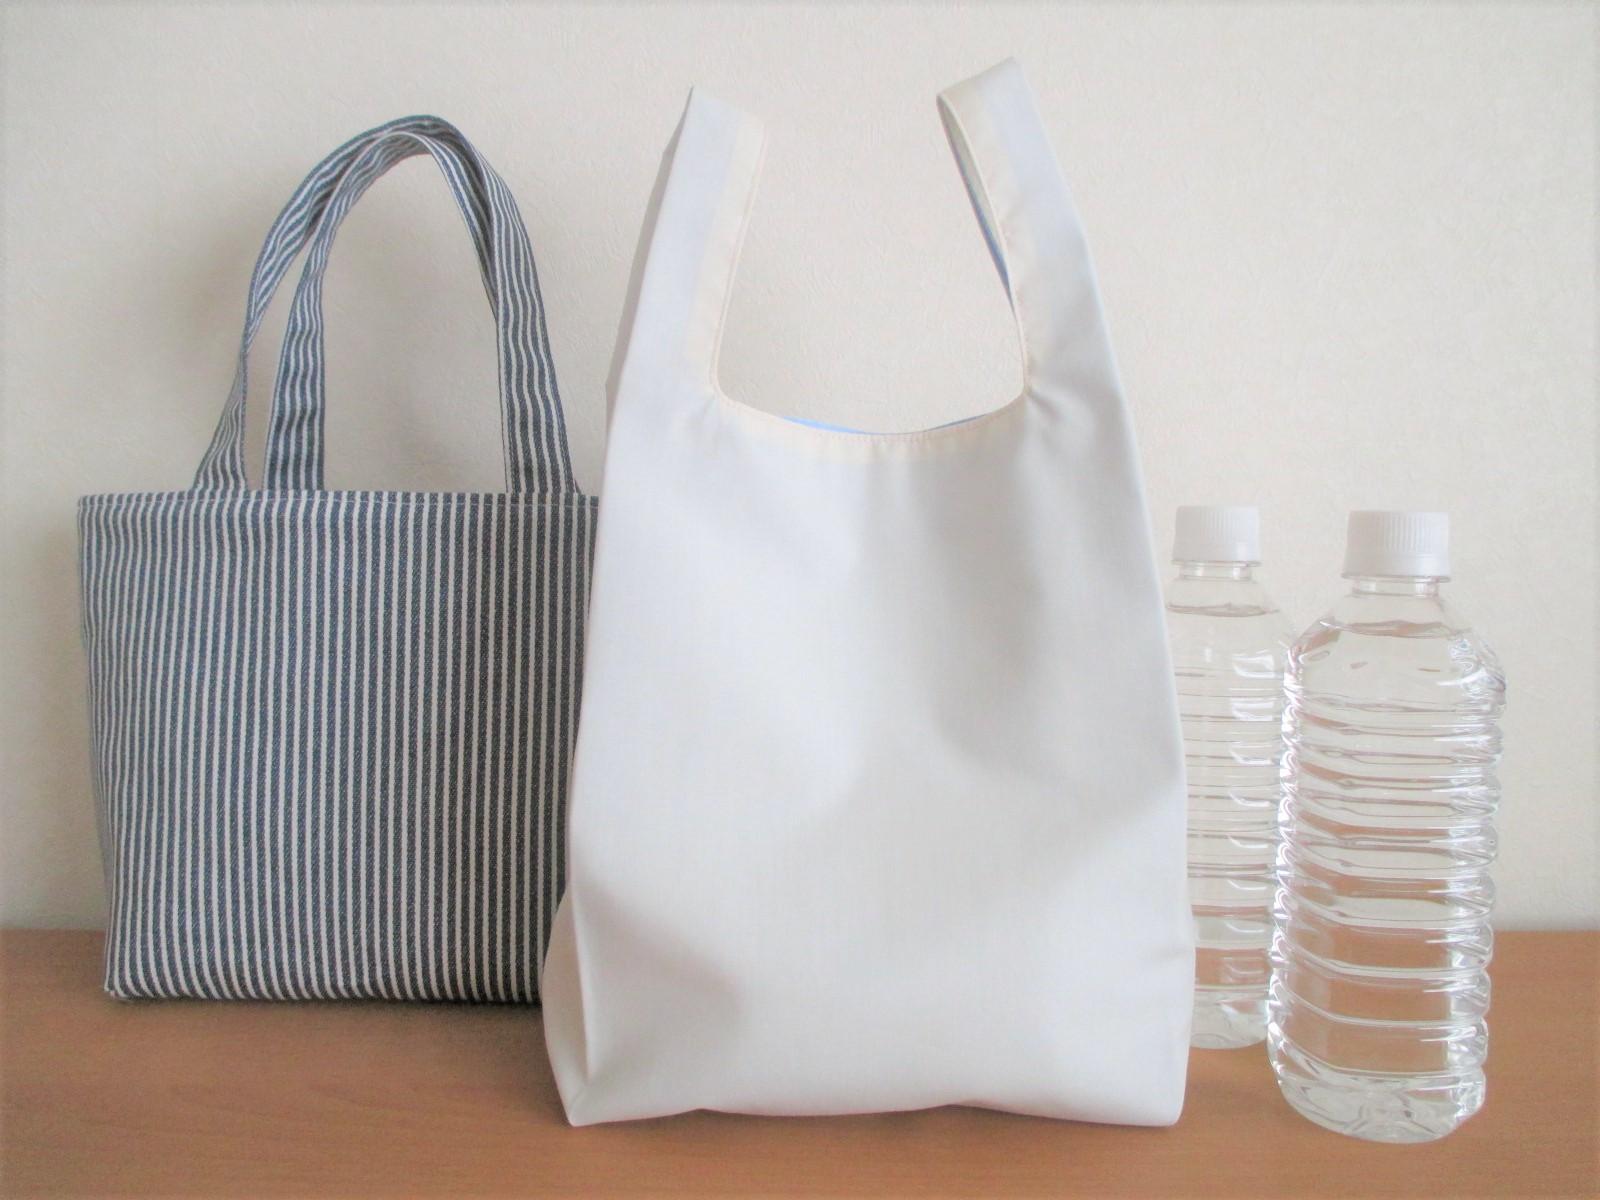 エコ 作り方 シュパット バッグ